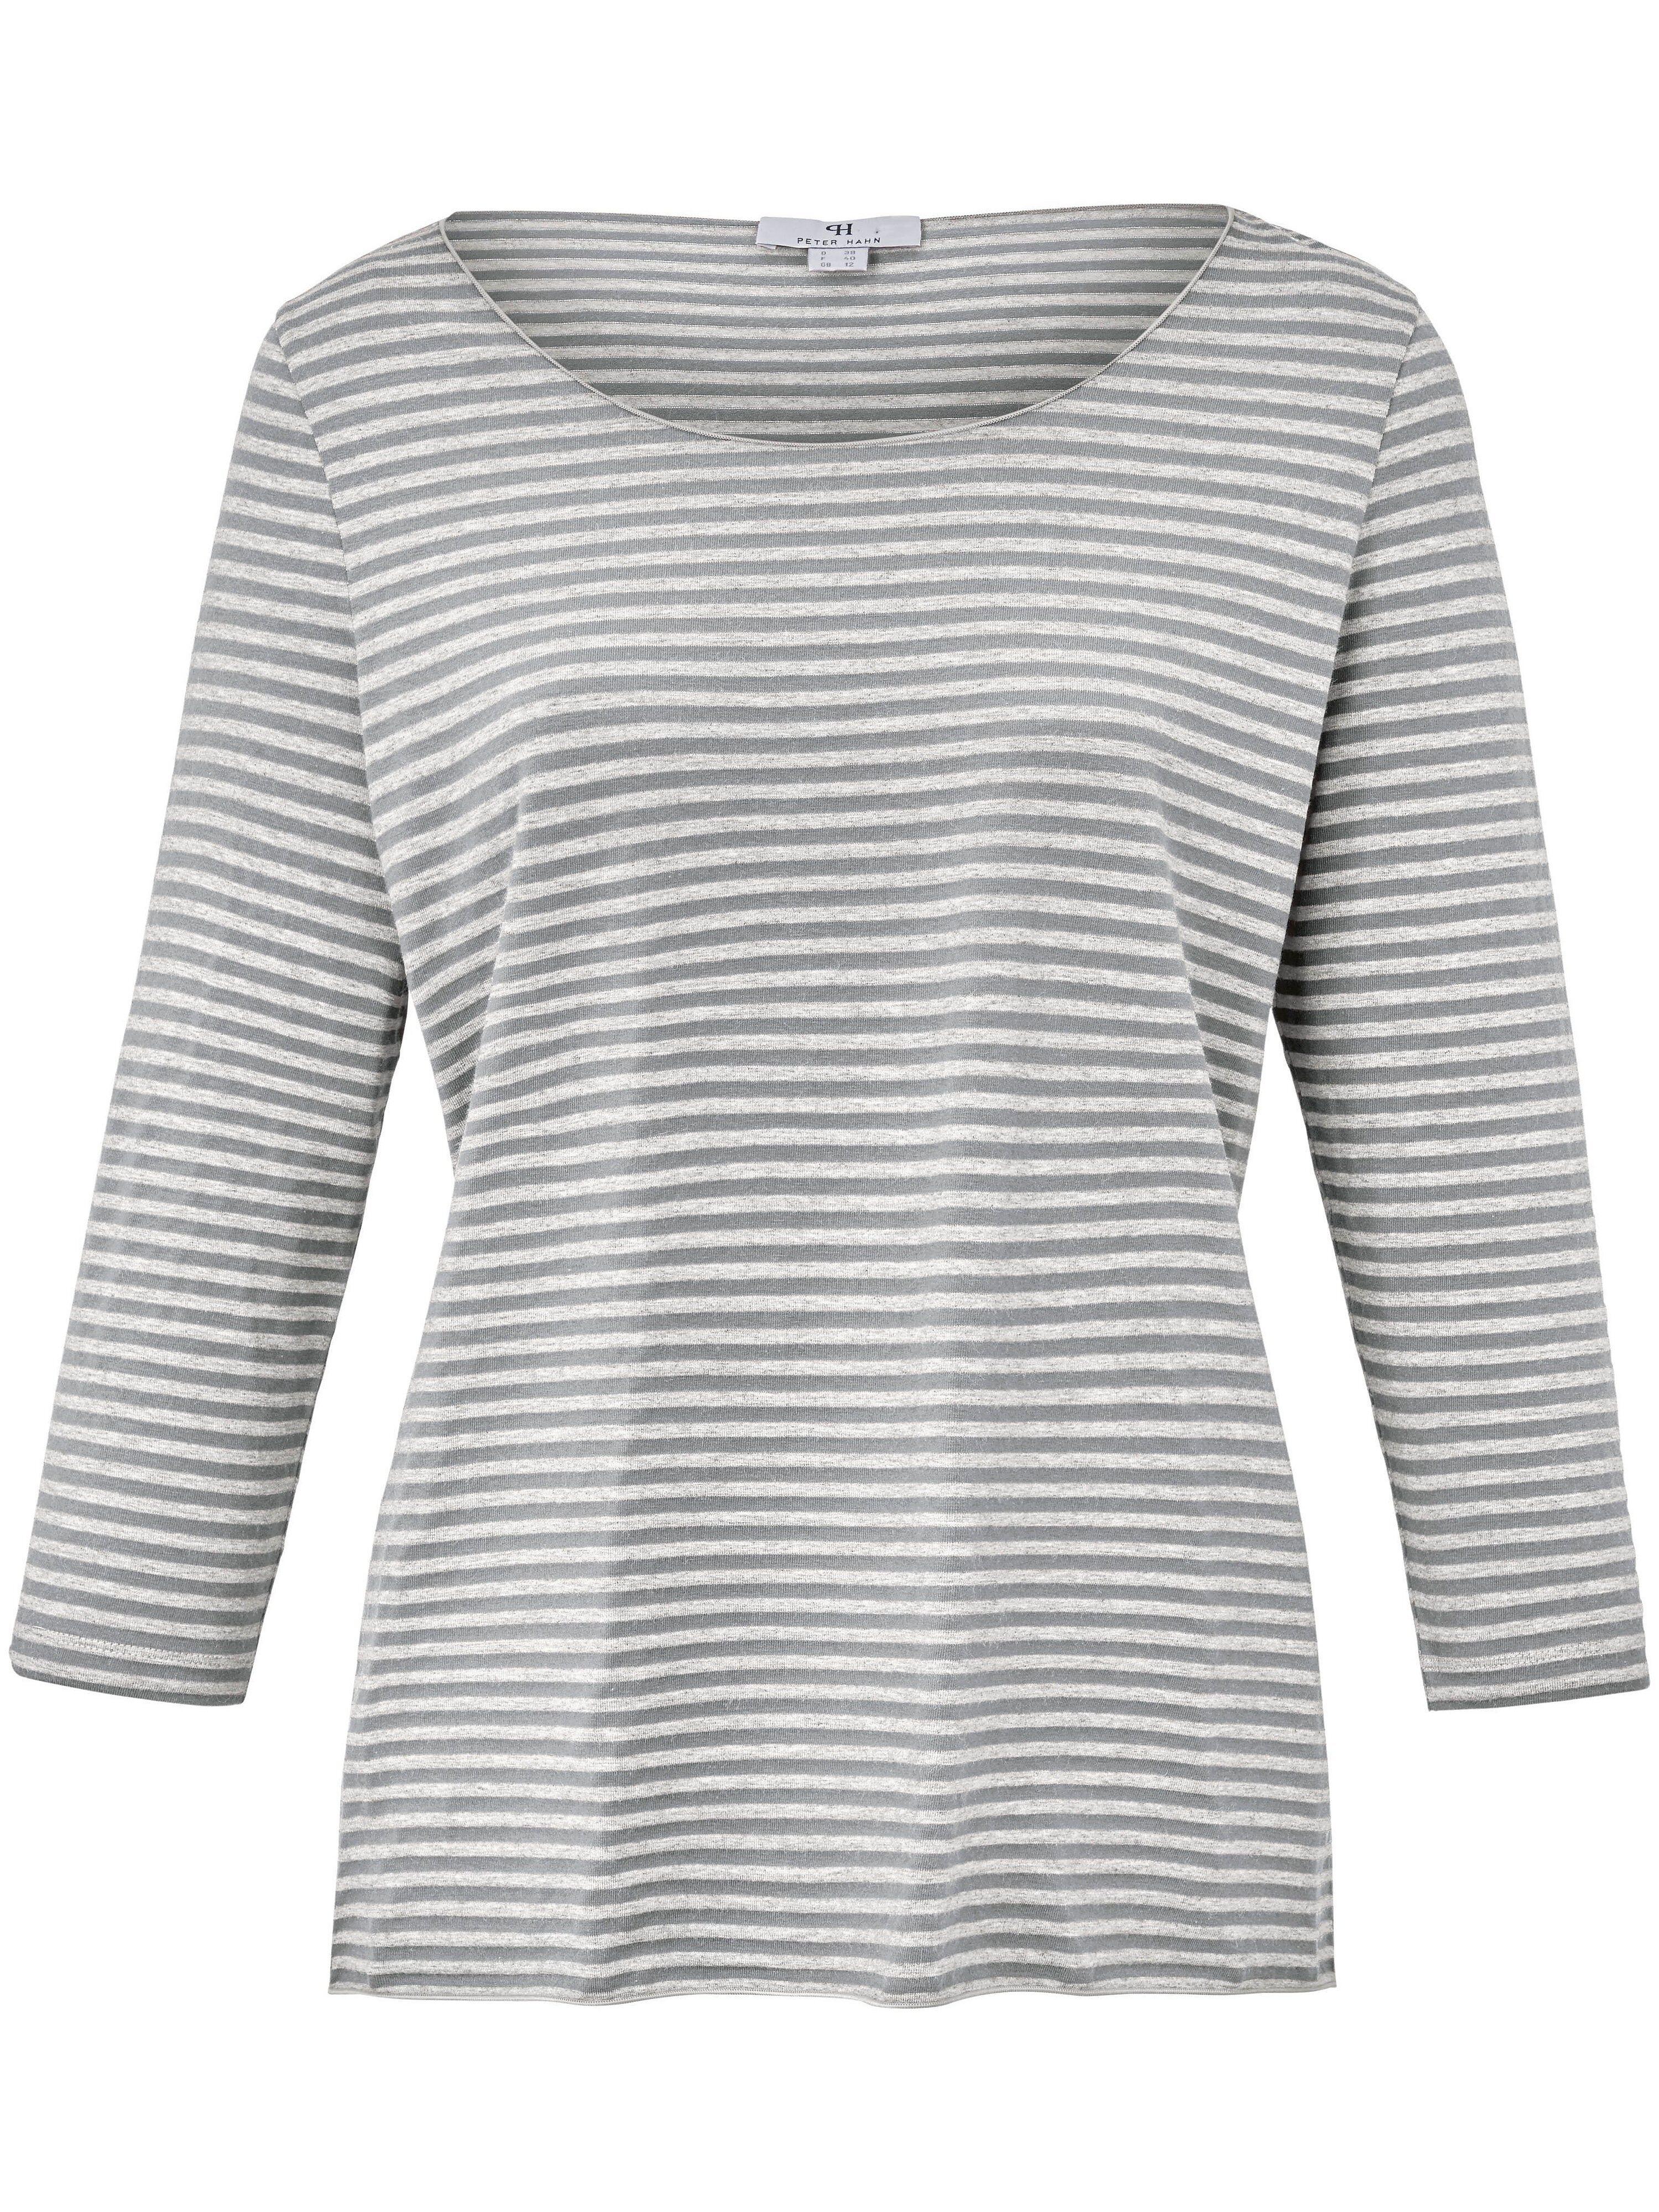 Peter Hahn Le T-shirt finement rayé, manches 3/4  Peter Hahn gris  - Femme - 38